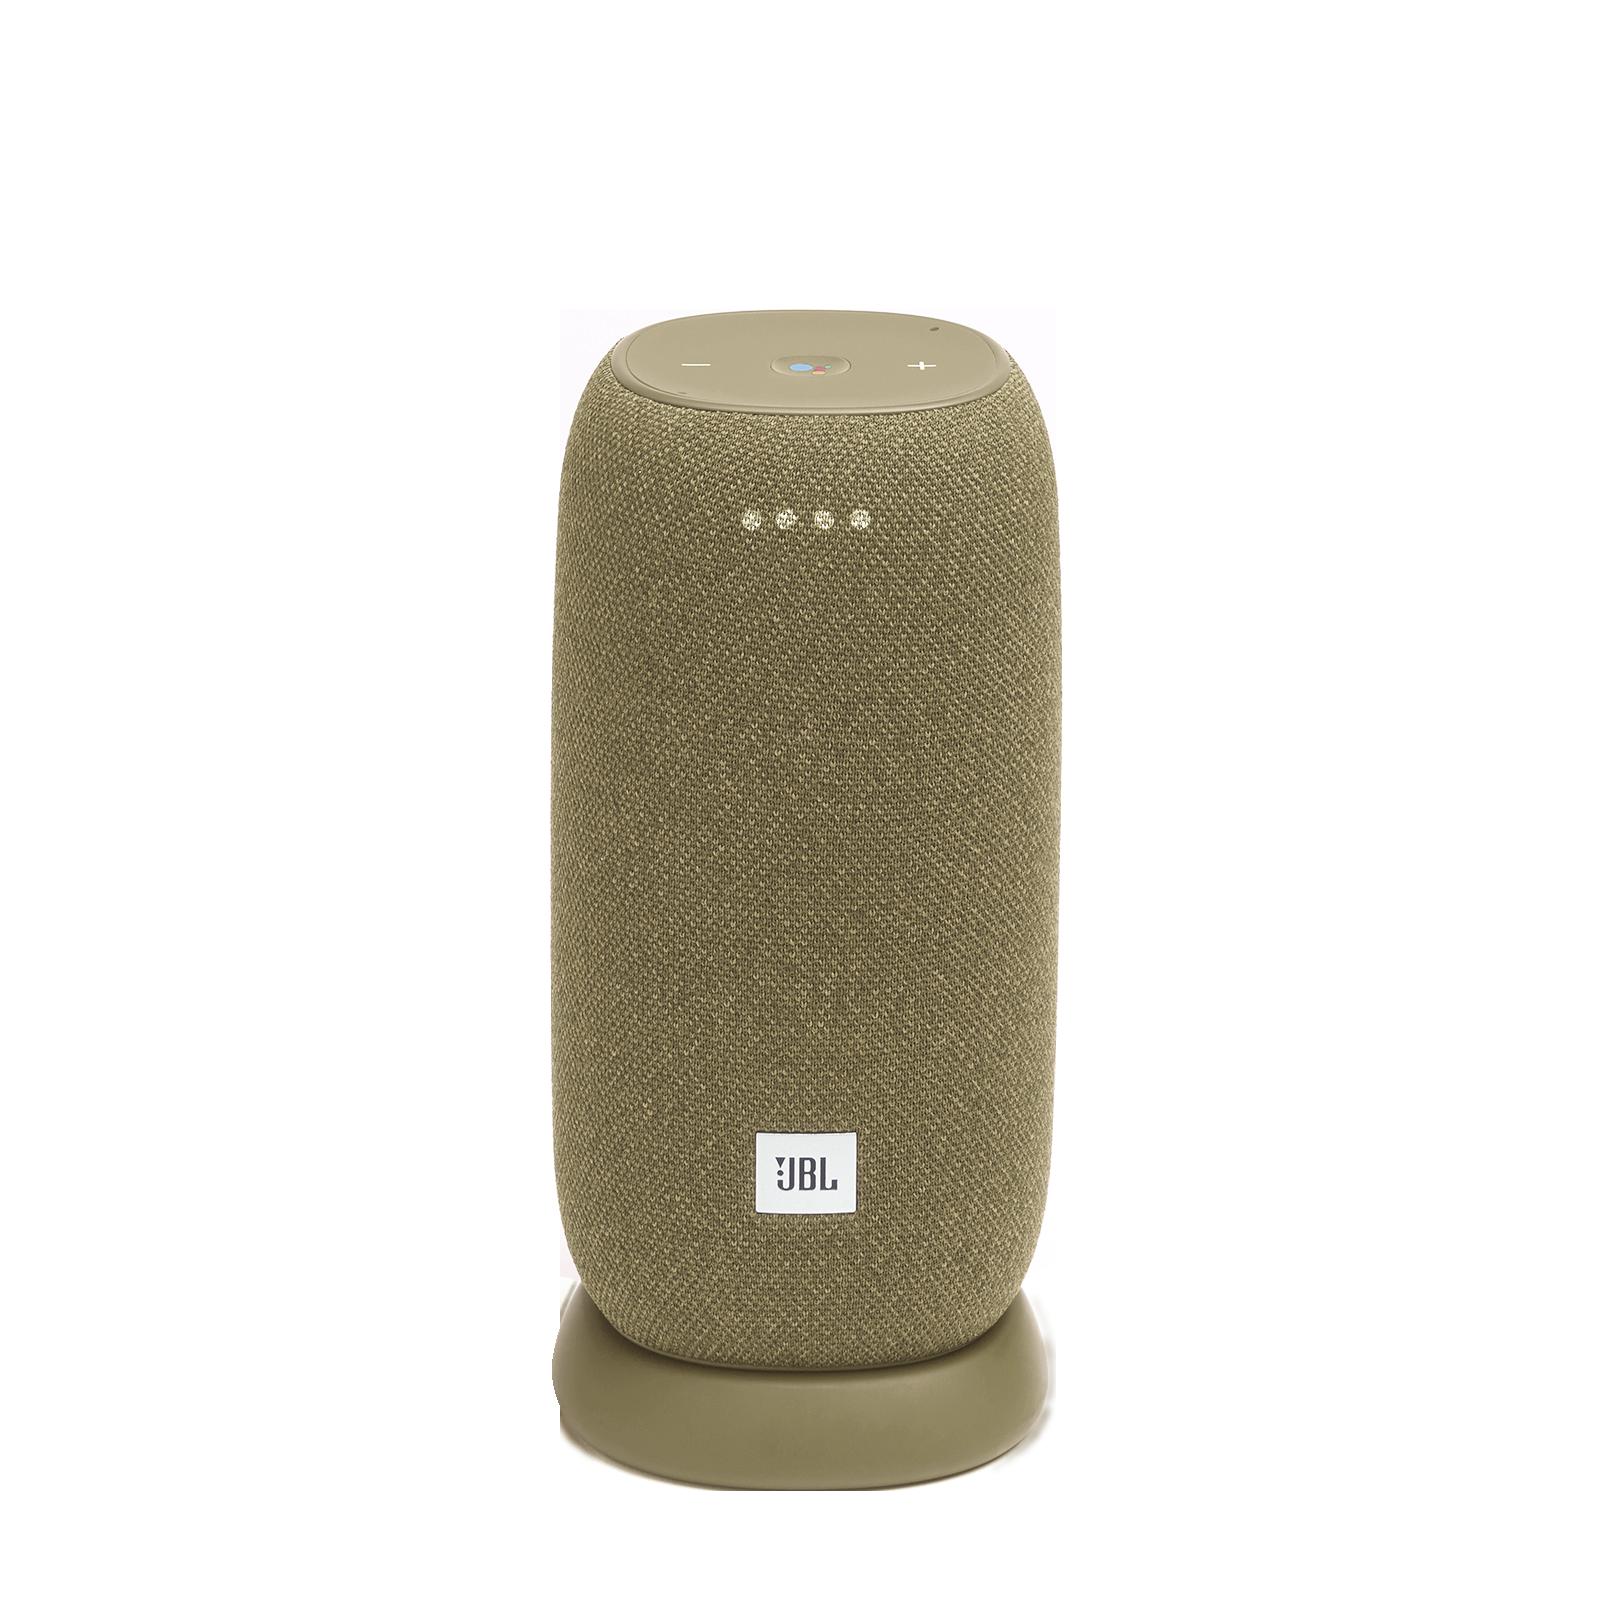 JBL Link Portable - Straw - Portable Wi-Fi Speaker - Detailshot 4